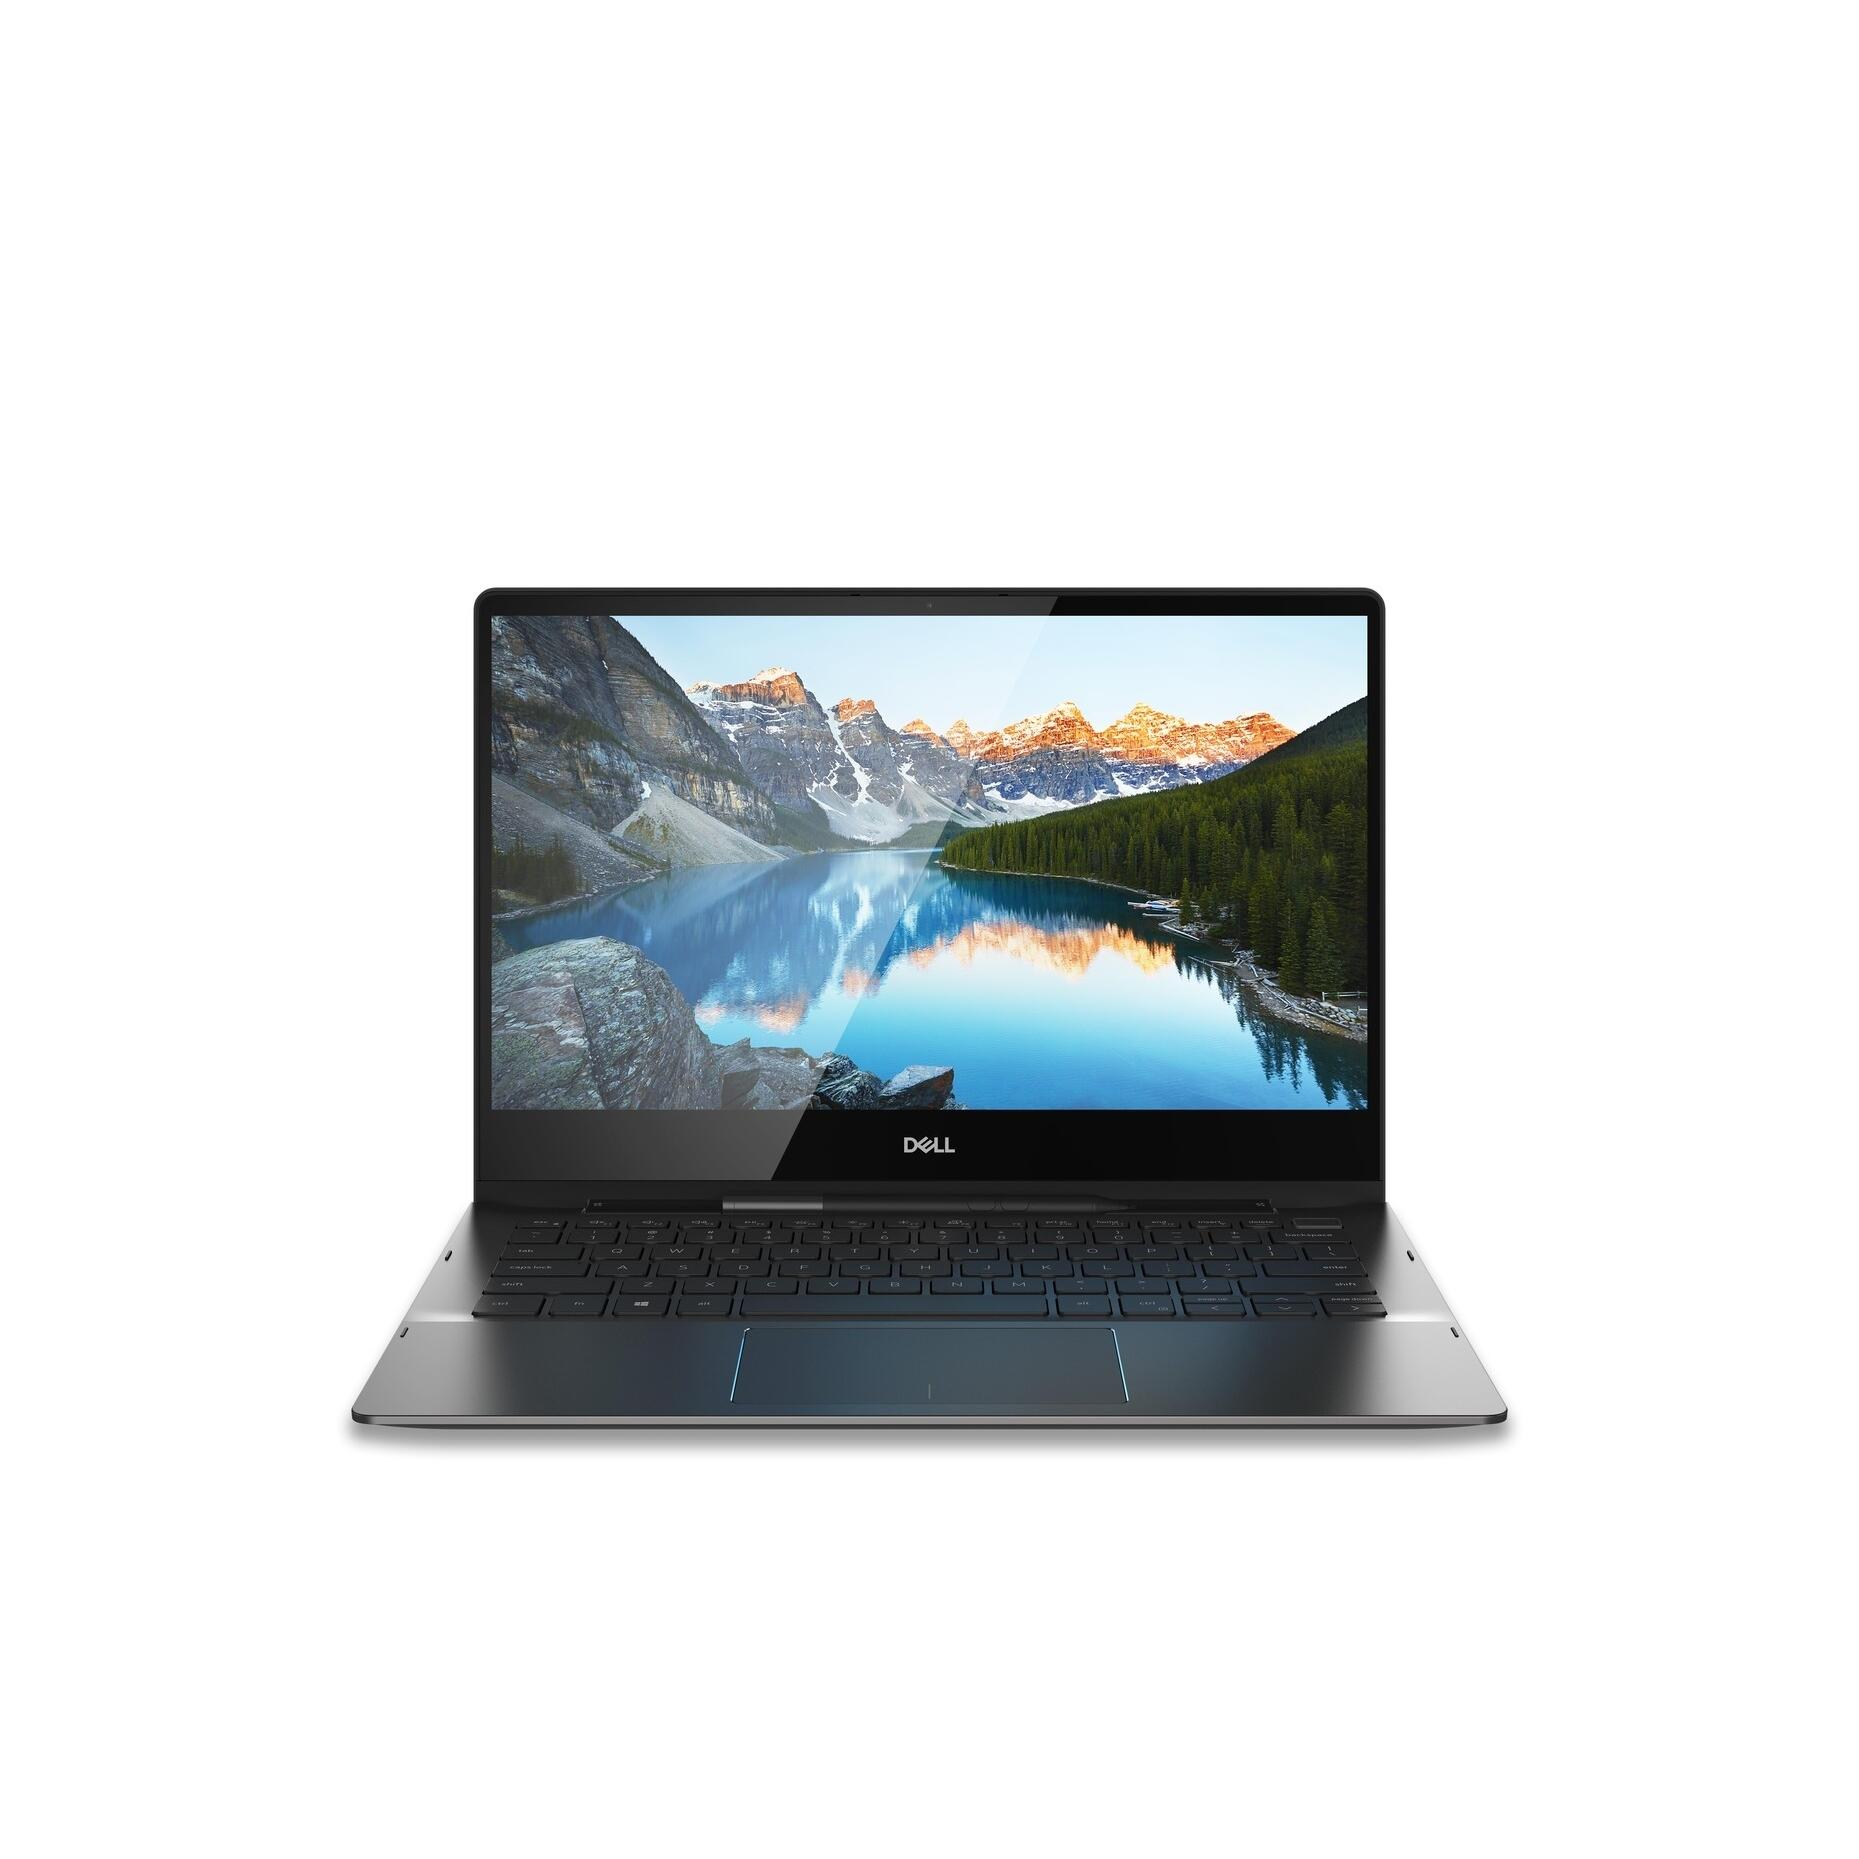 Dell Inspiron 7390 13.3-inch (2019) - Core i7-8565U - 16 GB - SSD 512 GB